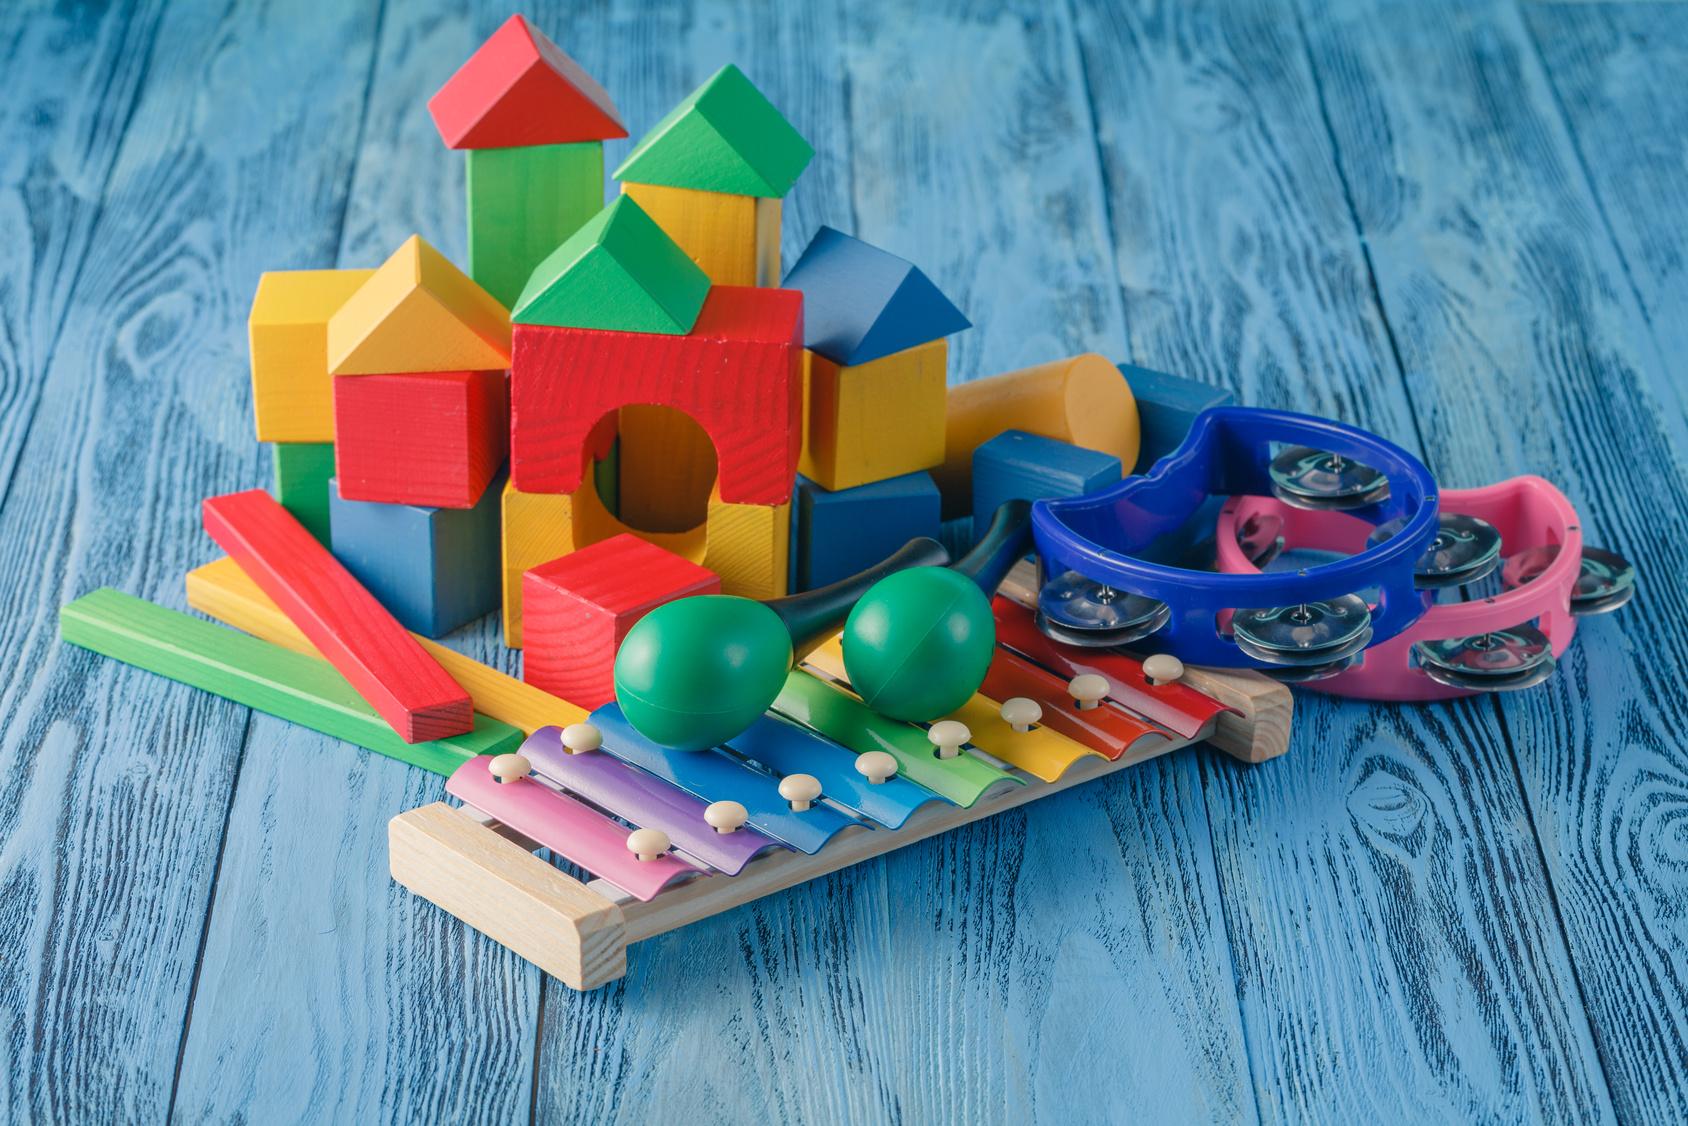 Idee Cadeau Petite Fille 3 Ans.Idees Cadeaux Montessori Pour Enfants De 18 Mois A 3 Ans